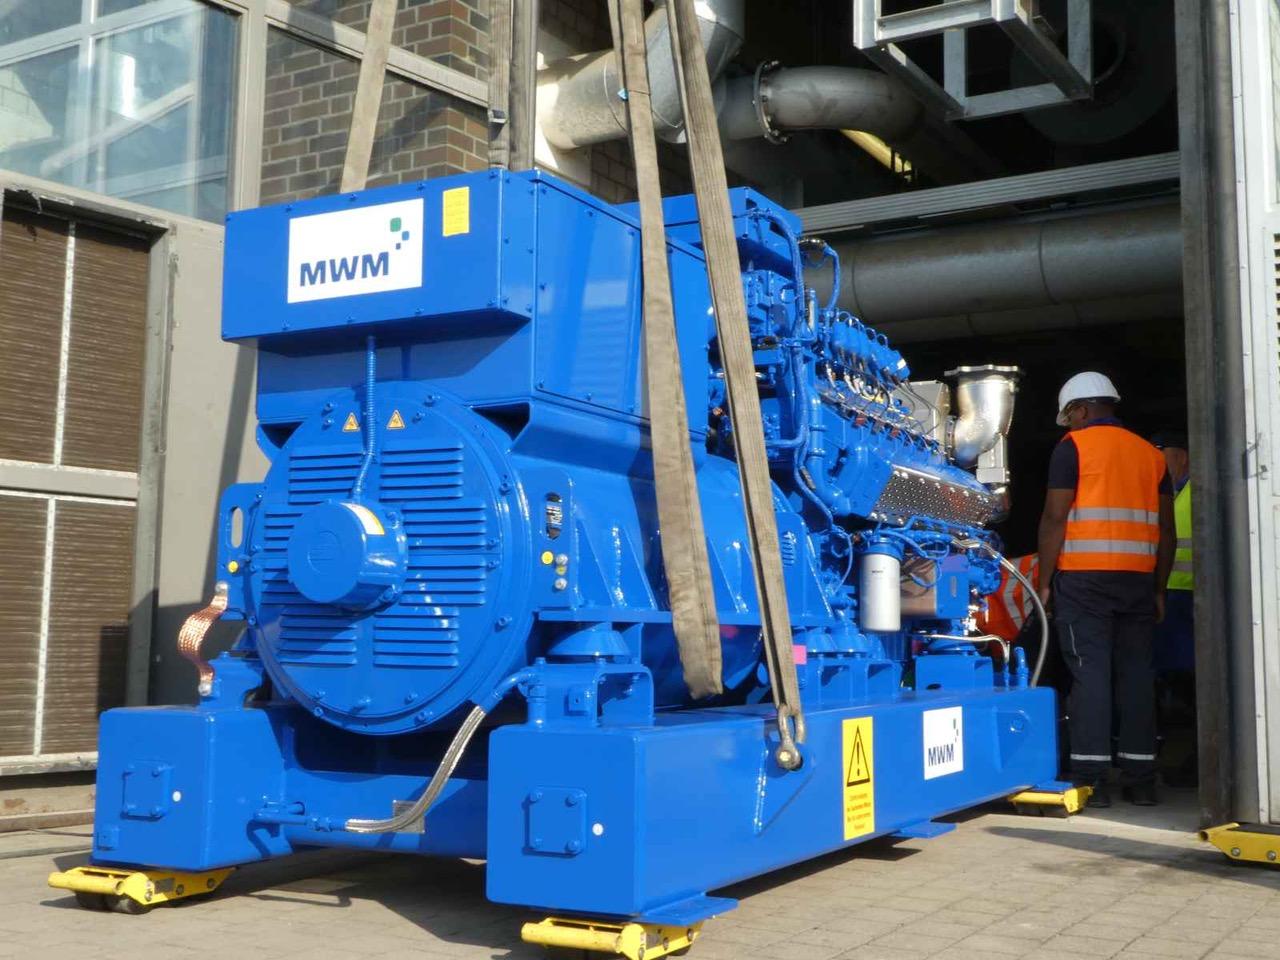 drei MWM TCG 3016 V12 Gasmotoren des BHKW der Deponie Emscherbruch